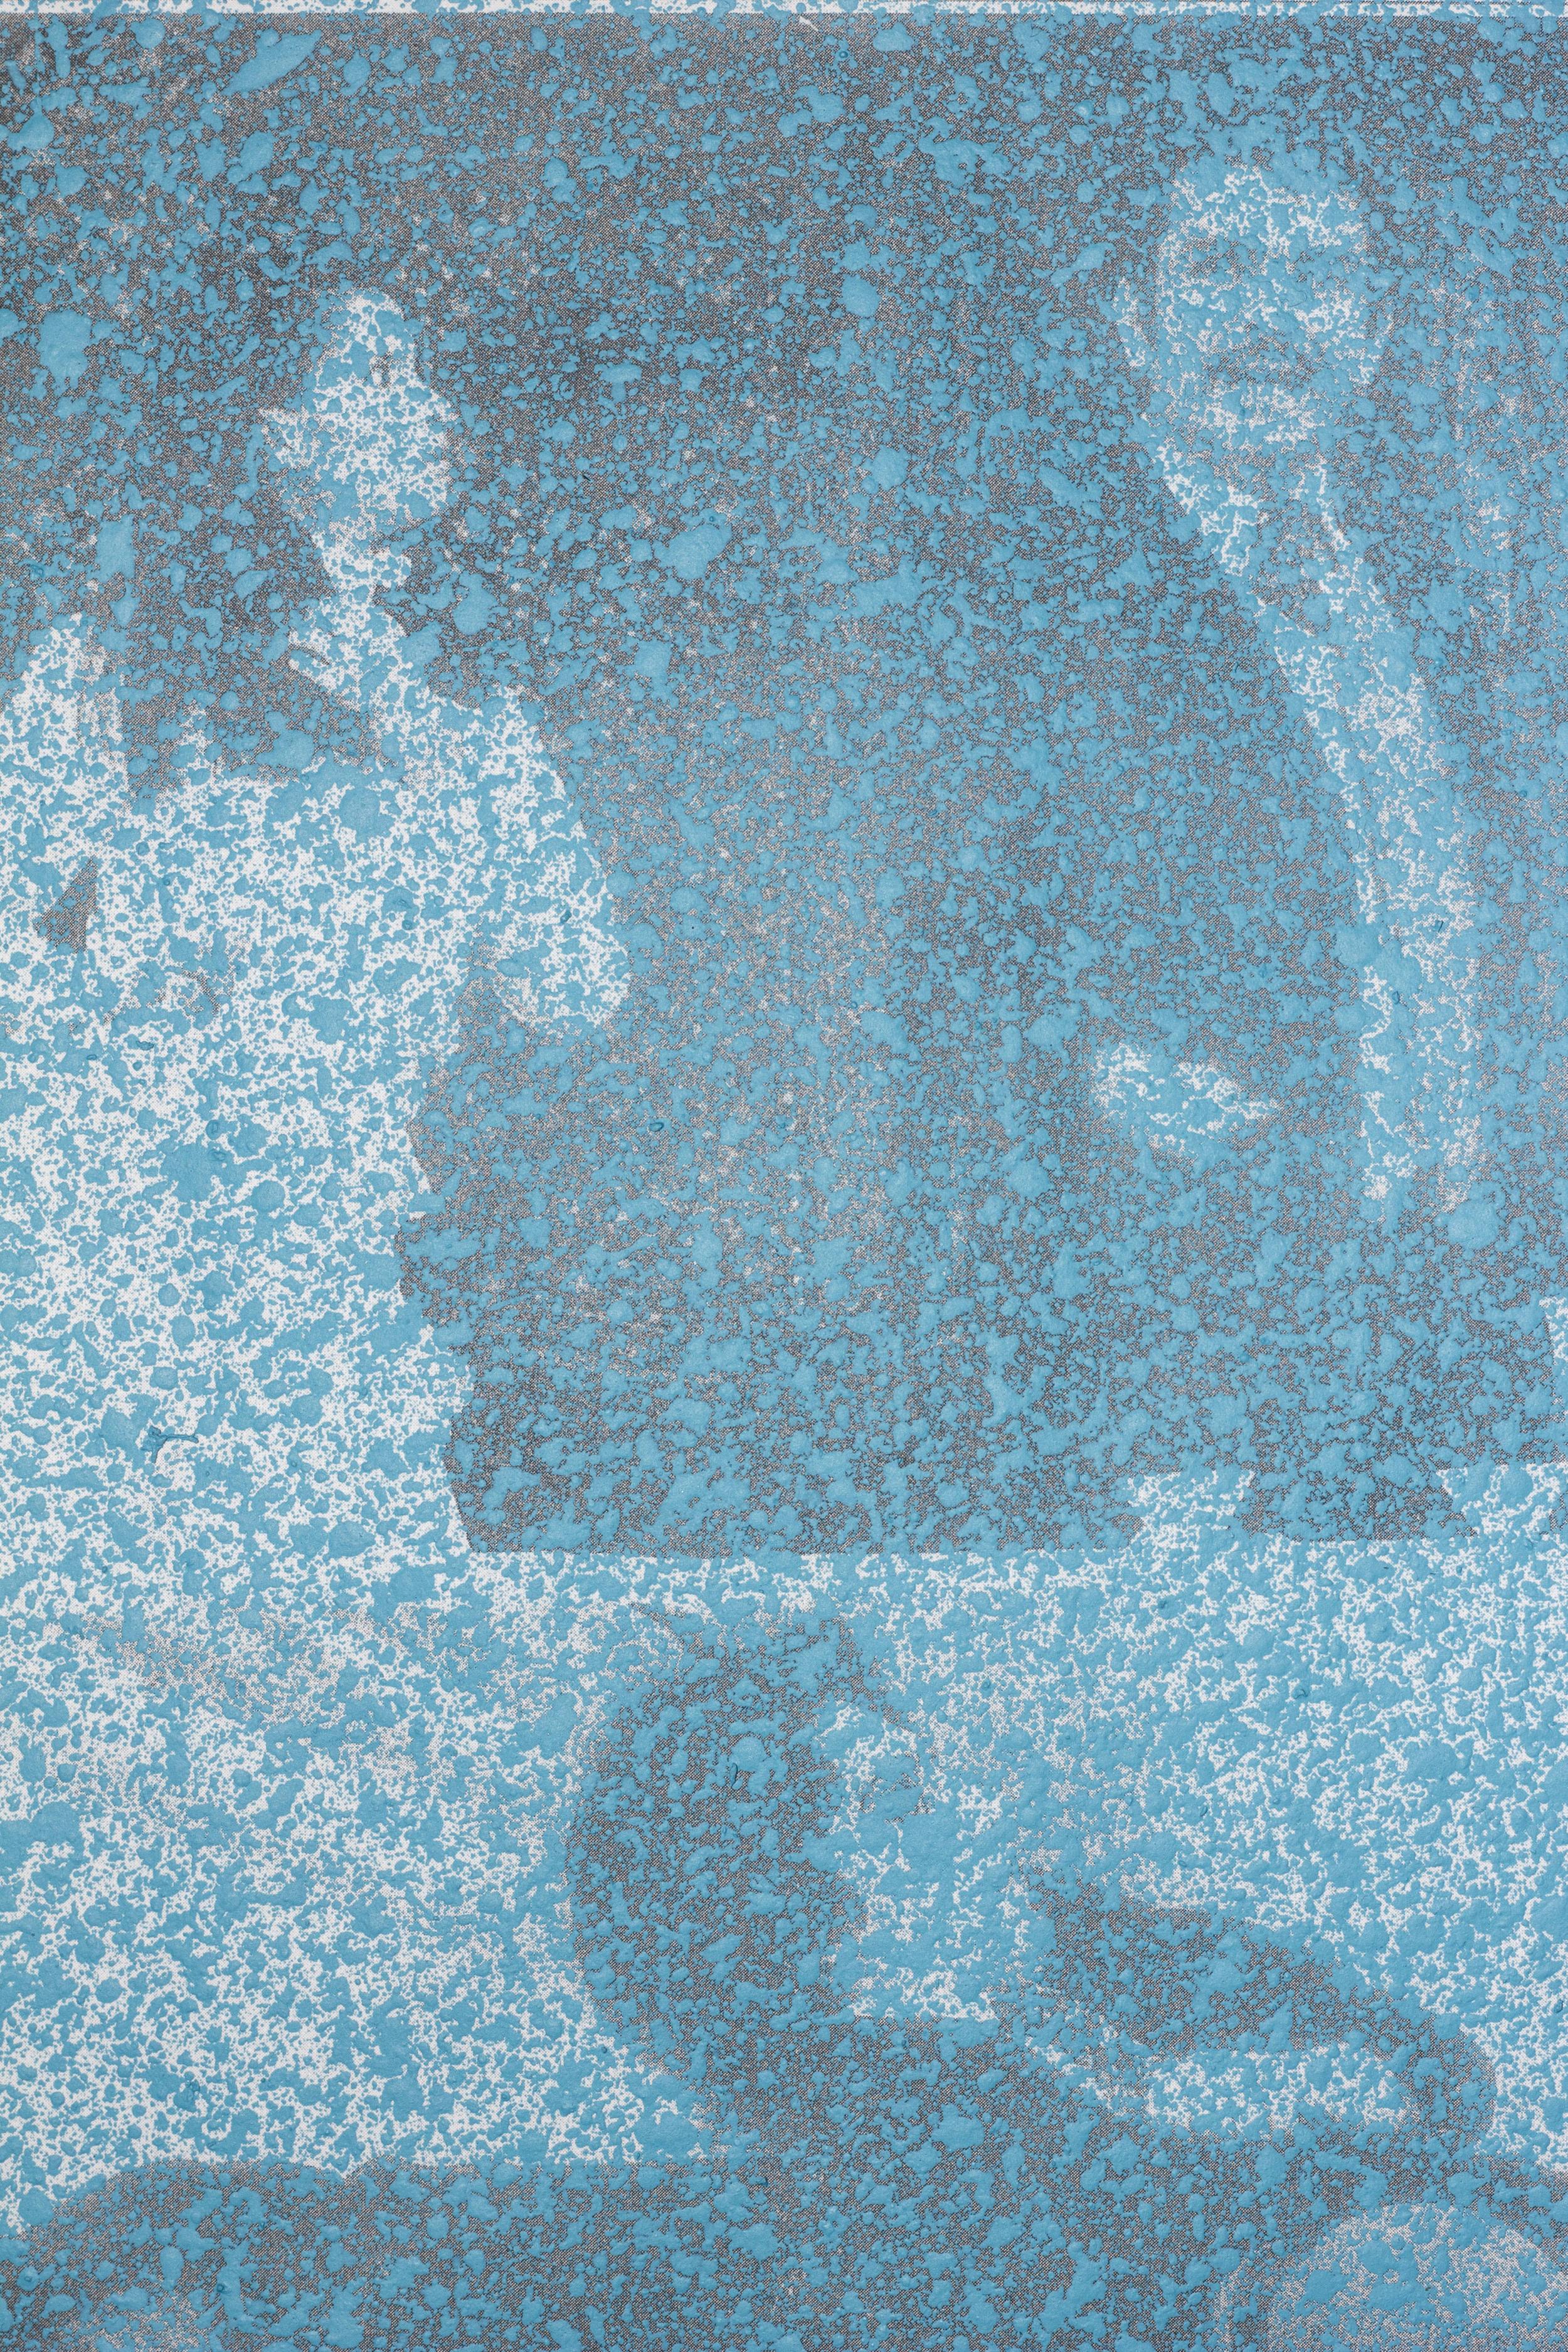 azulodeon.jpg